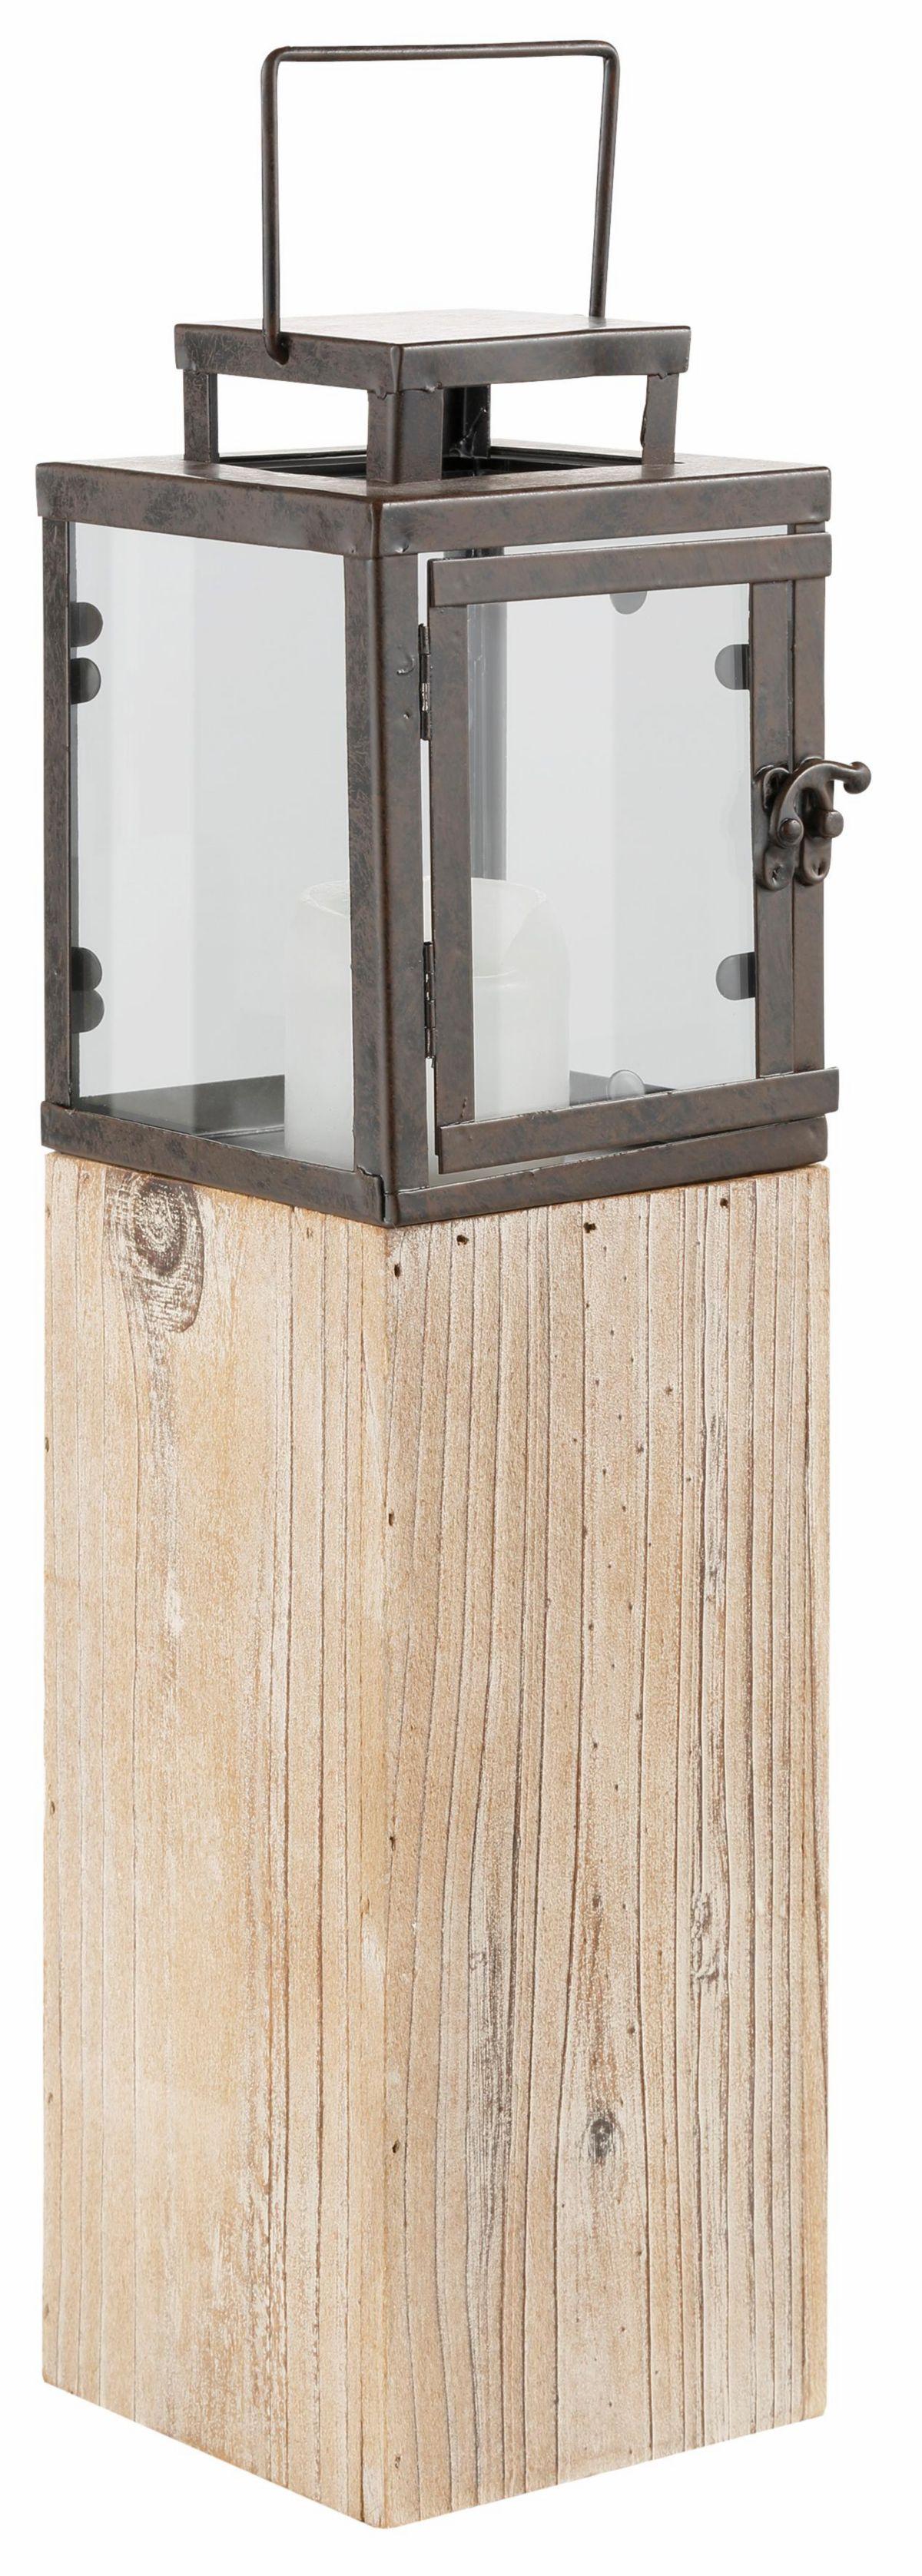 Laterne aus Metall und Holz, braun/silber